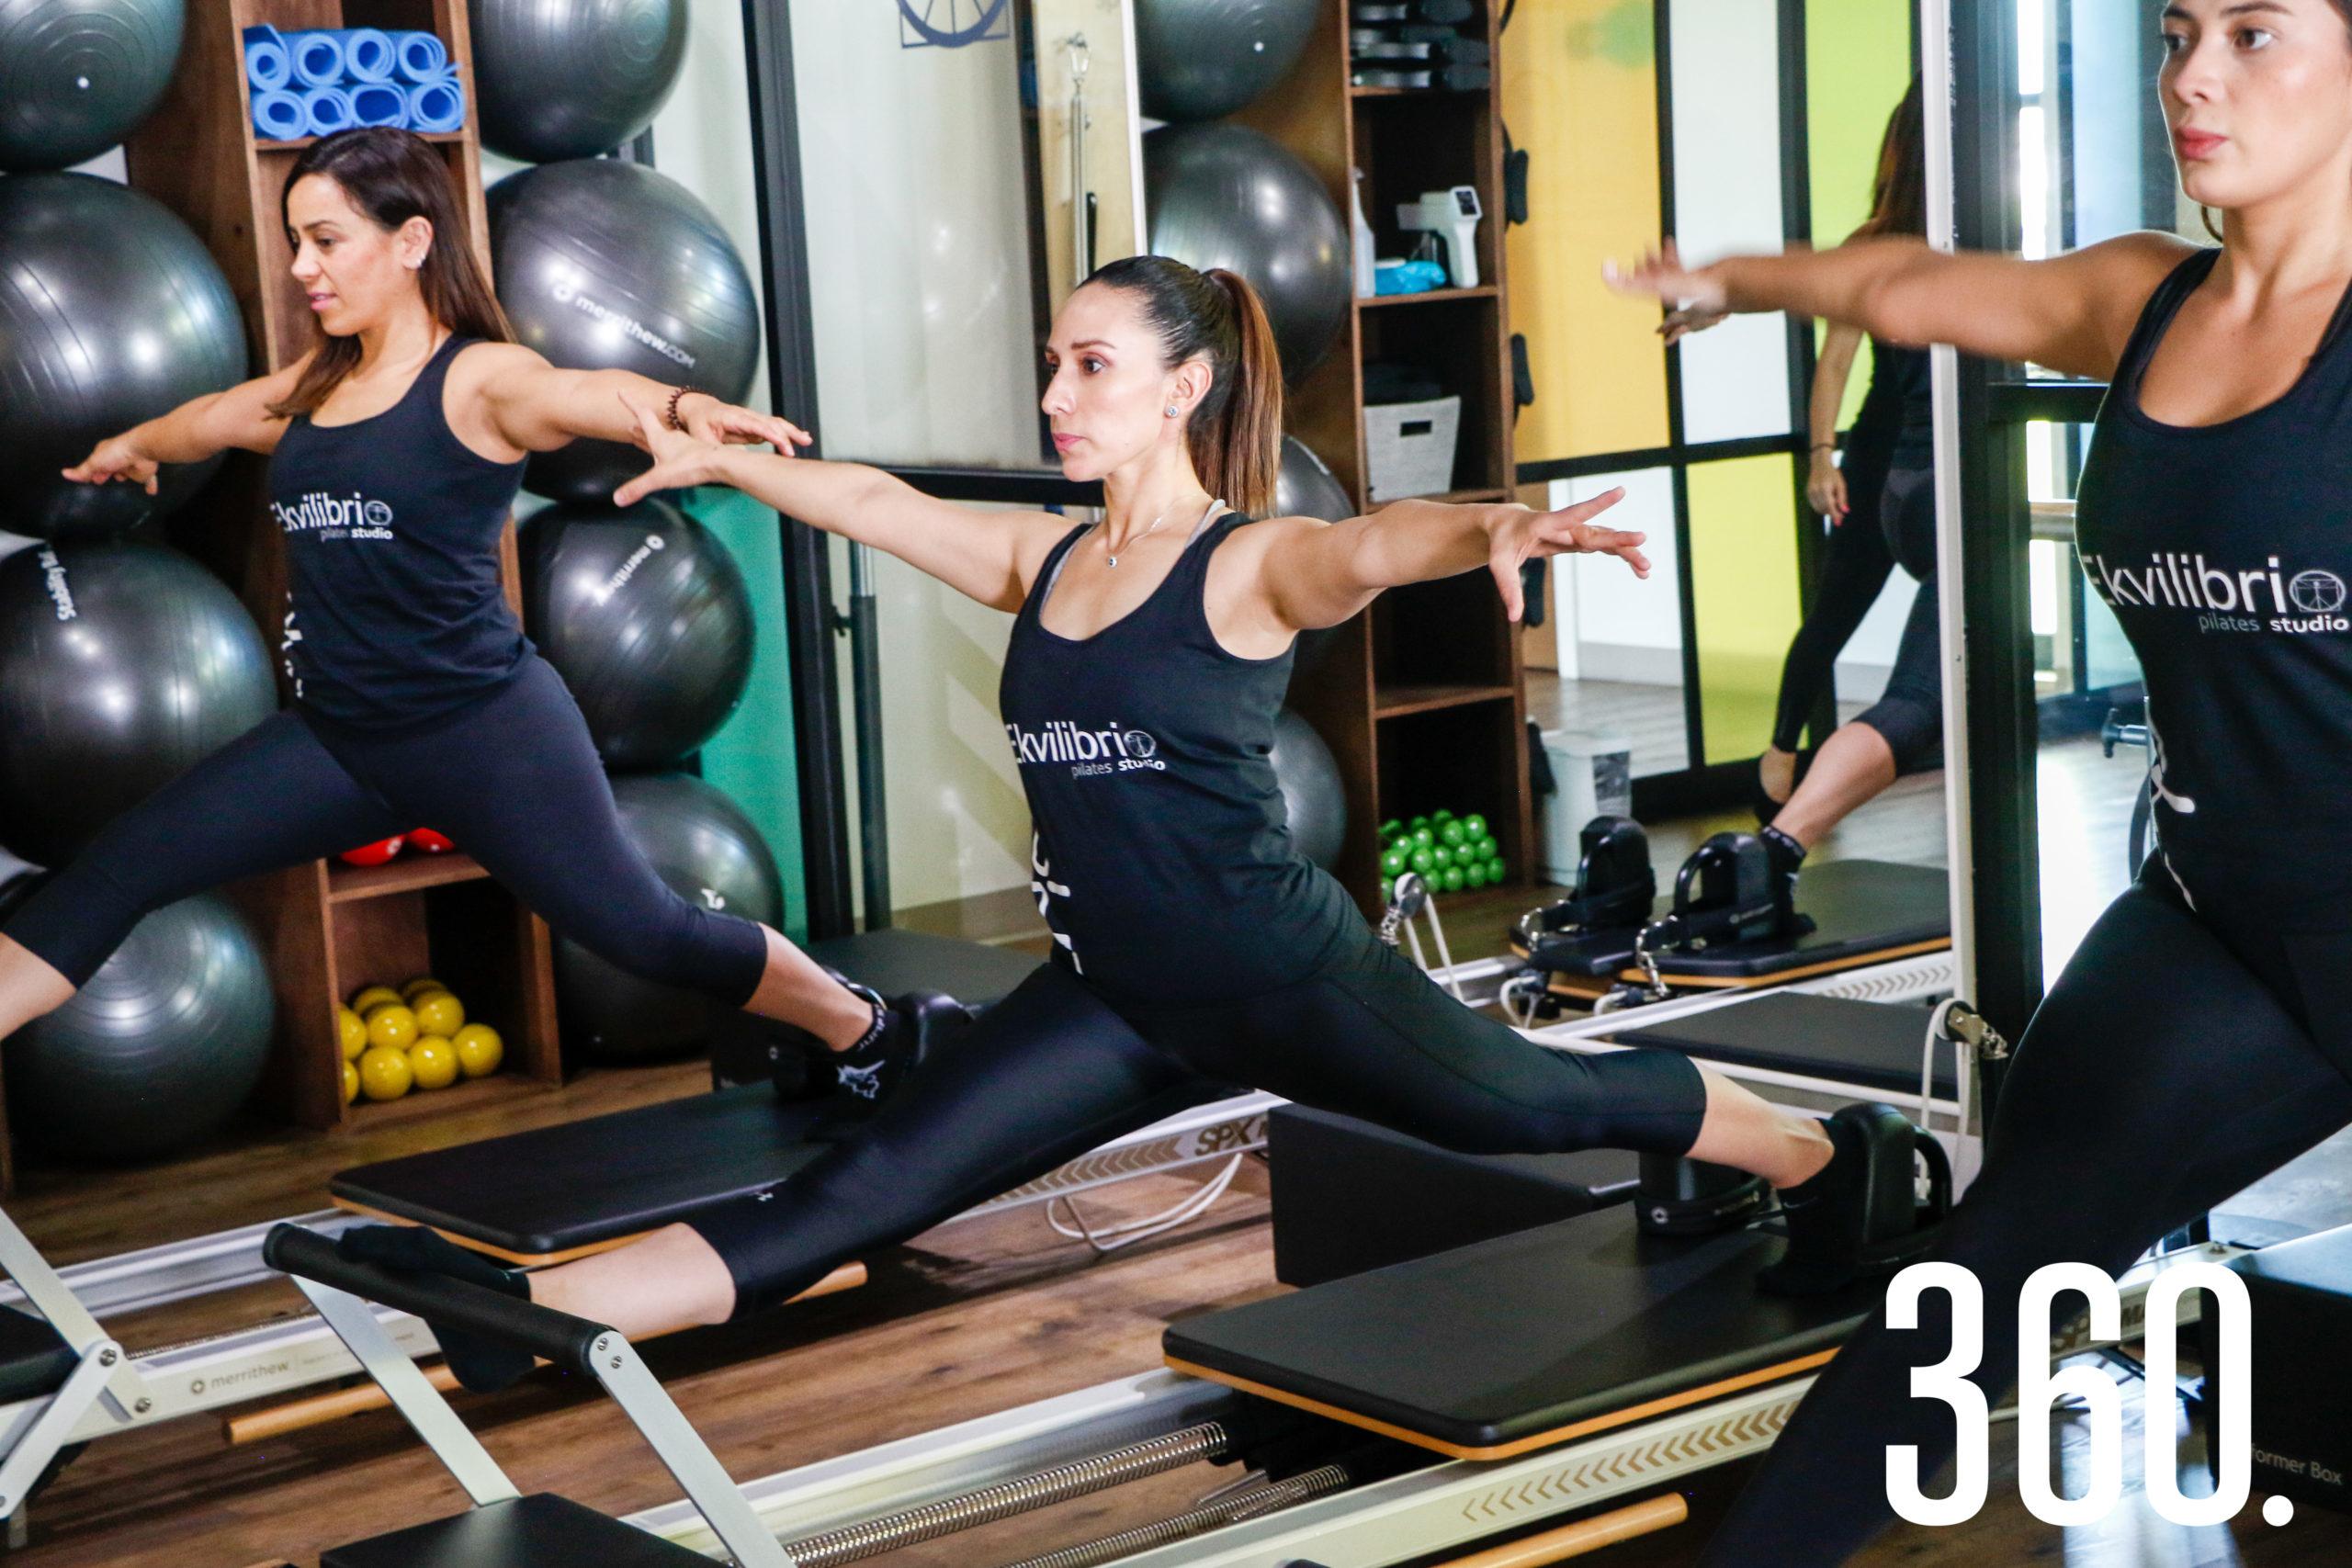 Ekvilibrio Pilates Studio busca brindar la mejor atención a sus clientes.